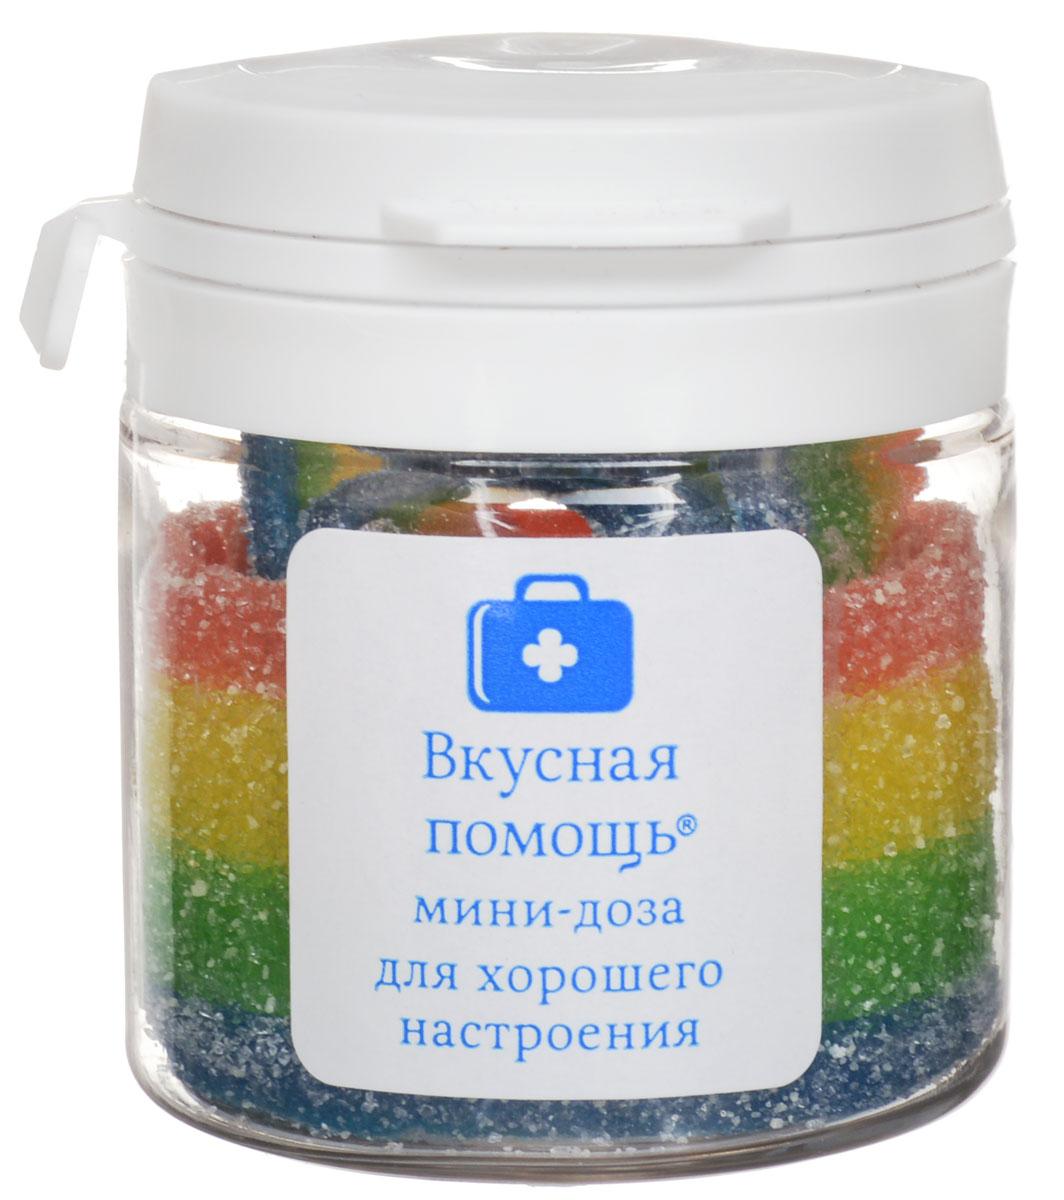 Конфеты Вкусная помощь Для хорошего настроения, 30 г конфеты вкусная помощь для храбрости 150 мл